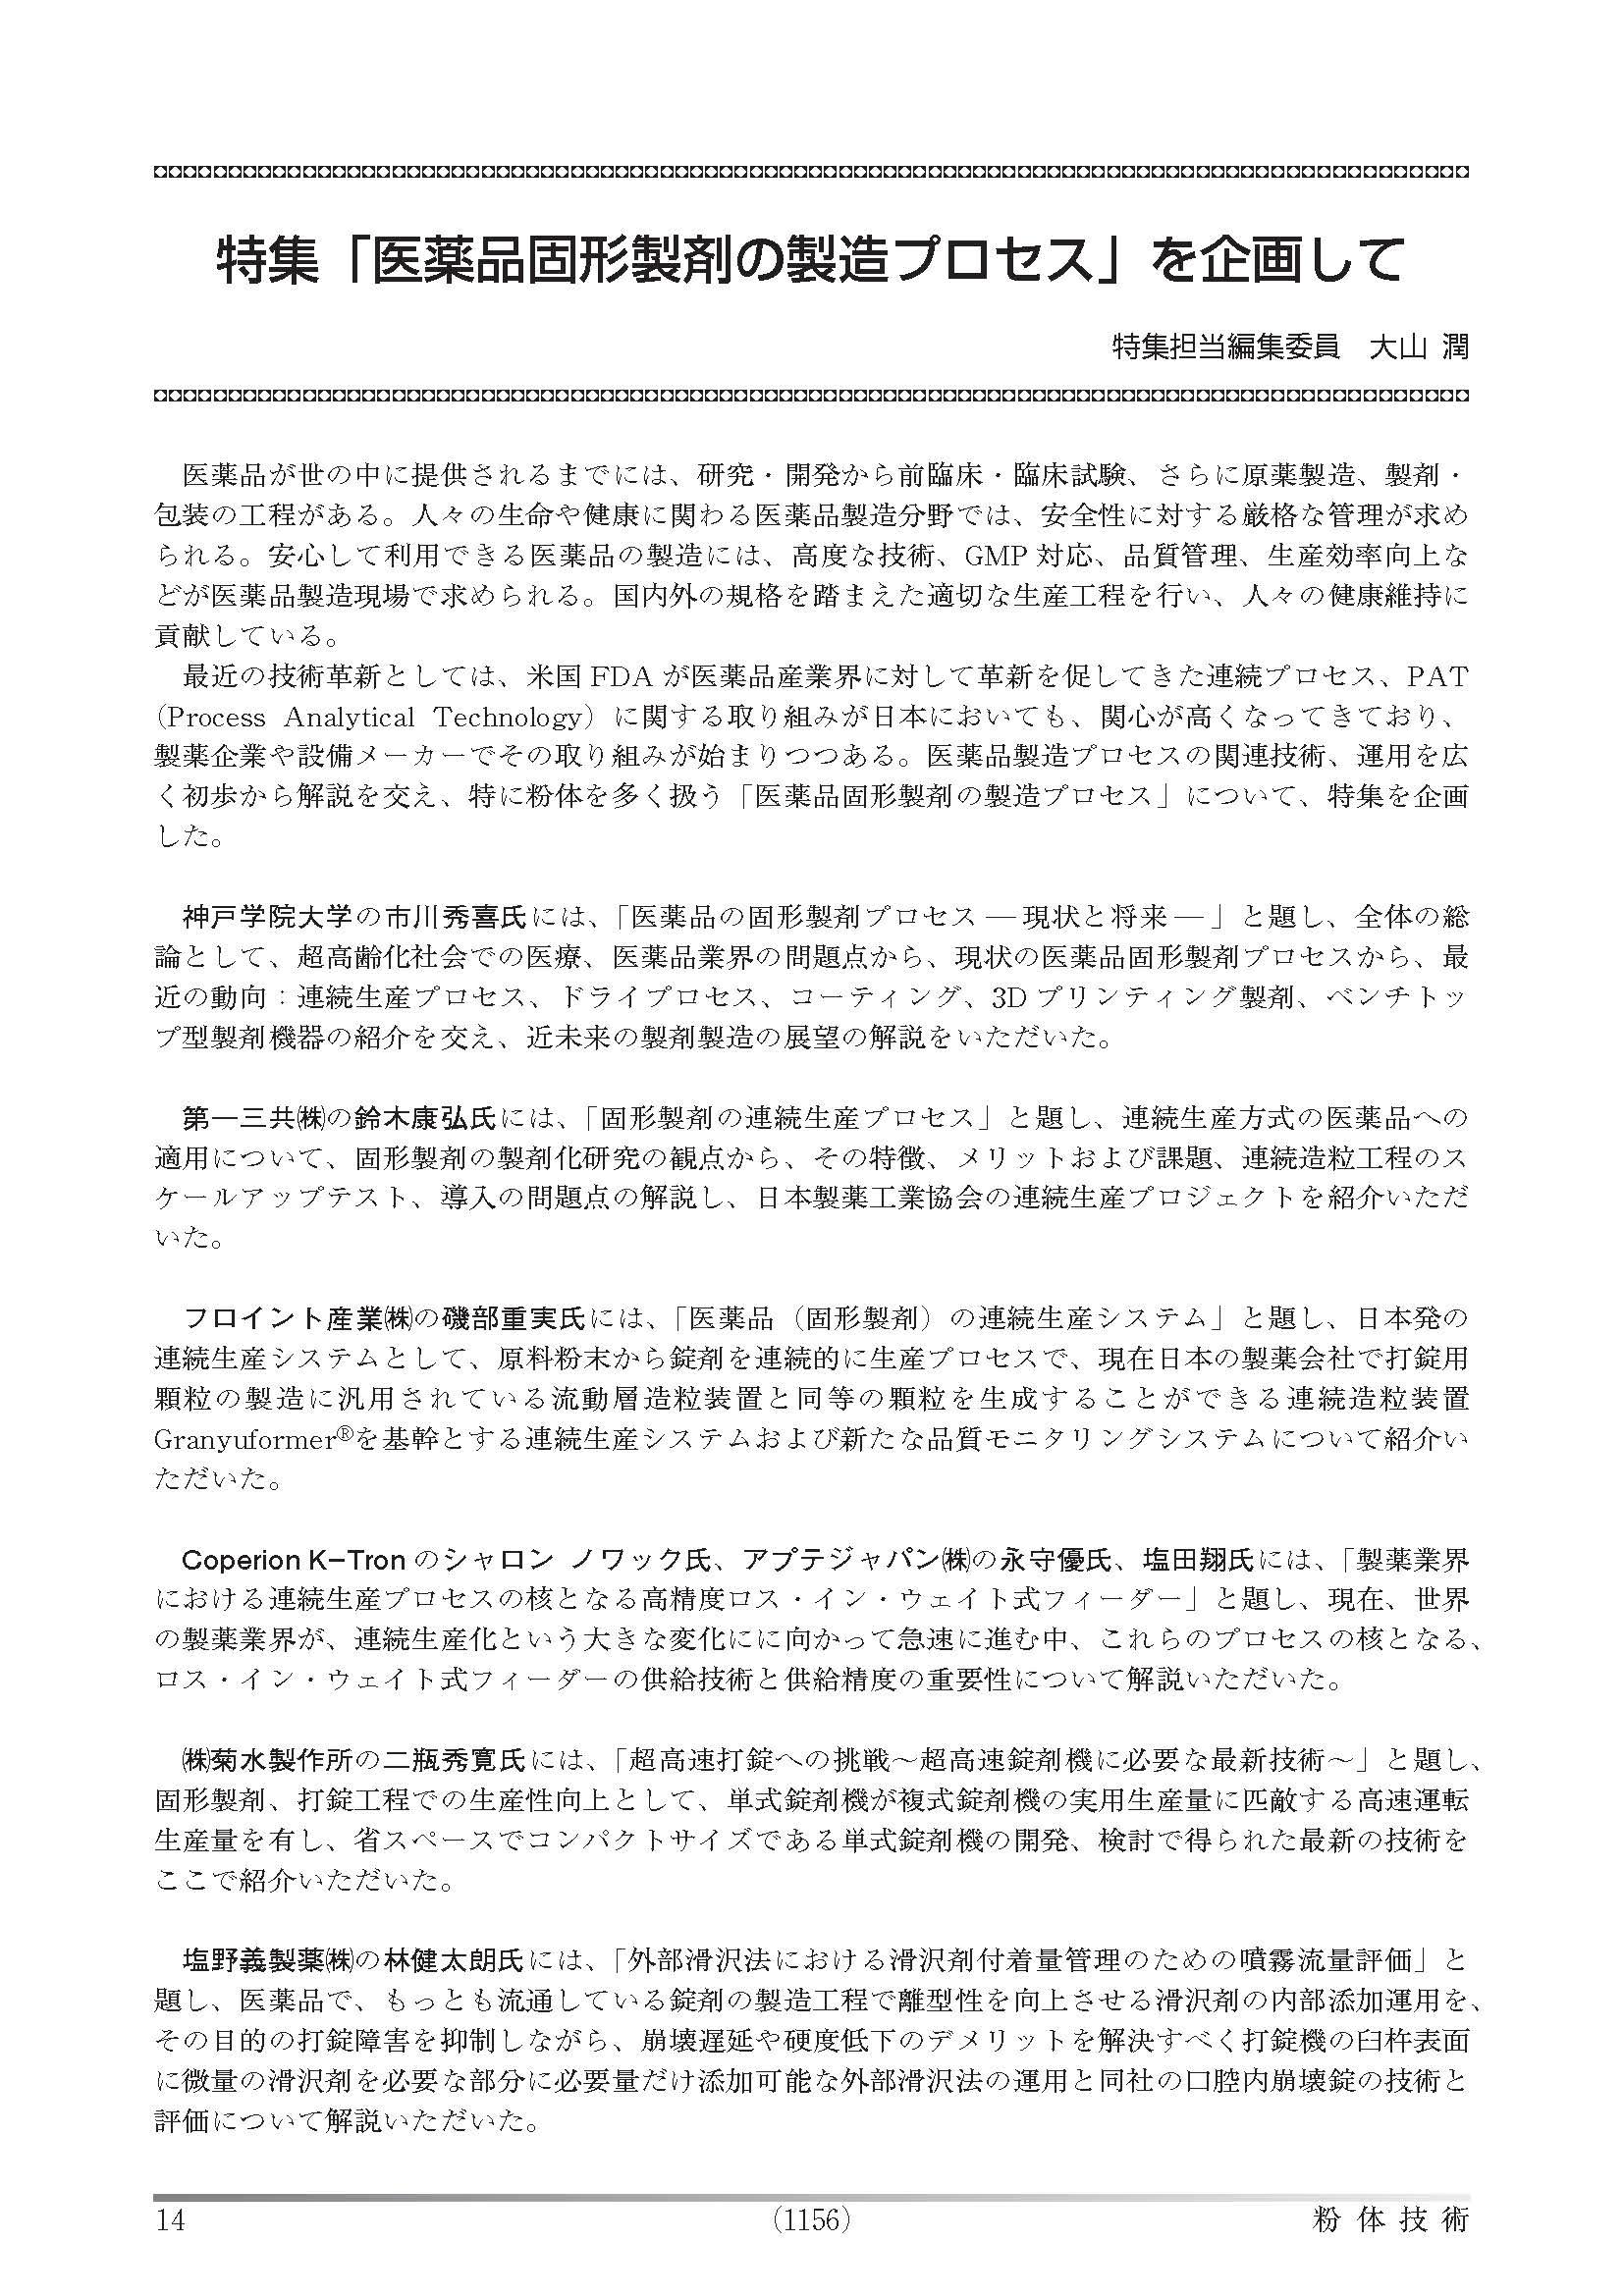 月刊誌「粉体技術」 2017年1月号(デジタル(PDF)版)